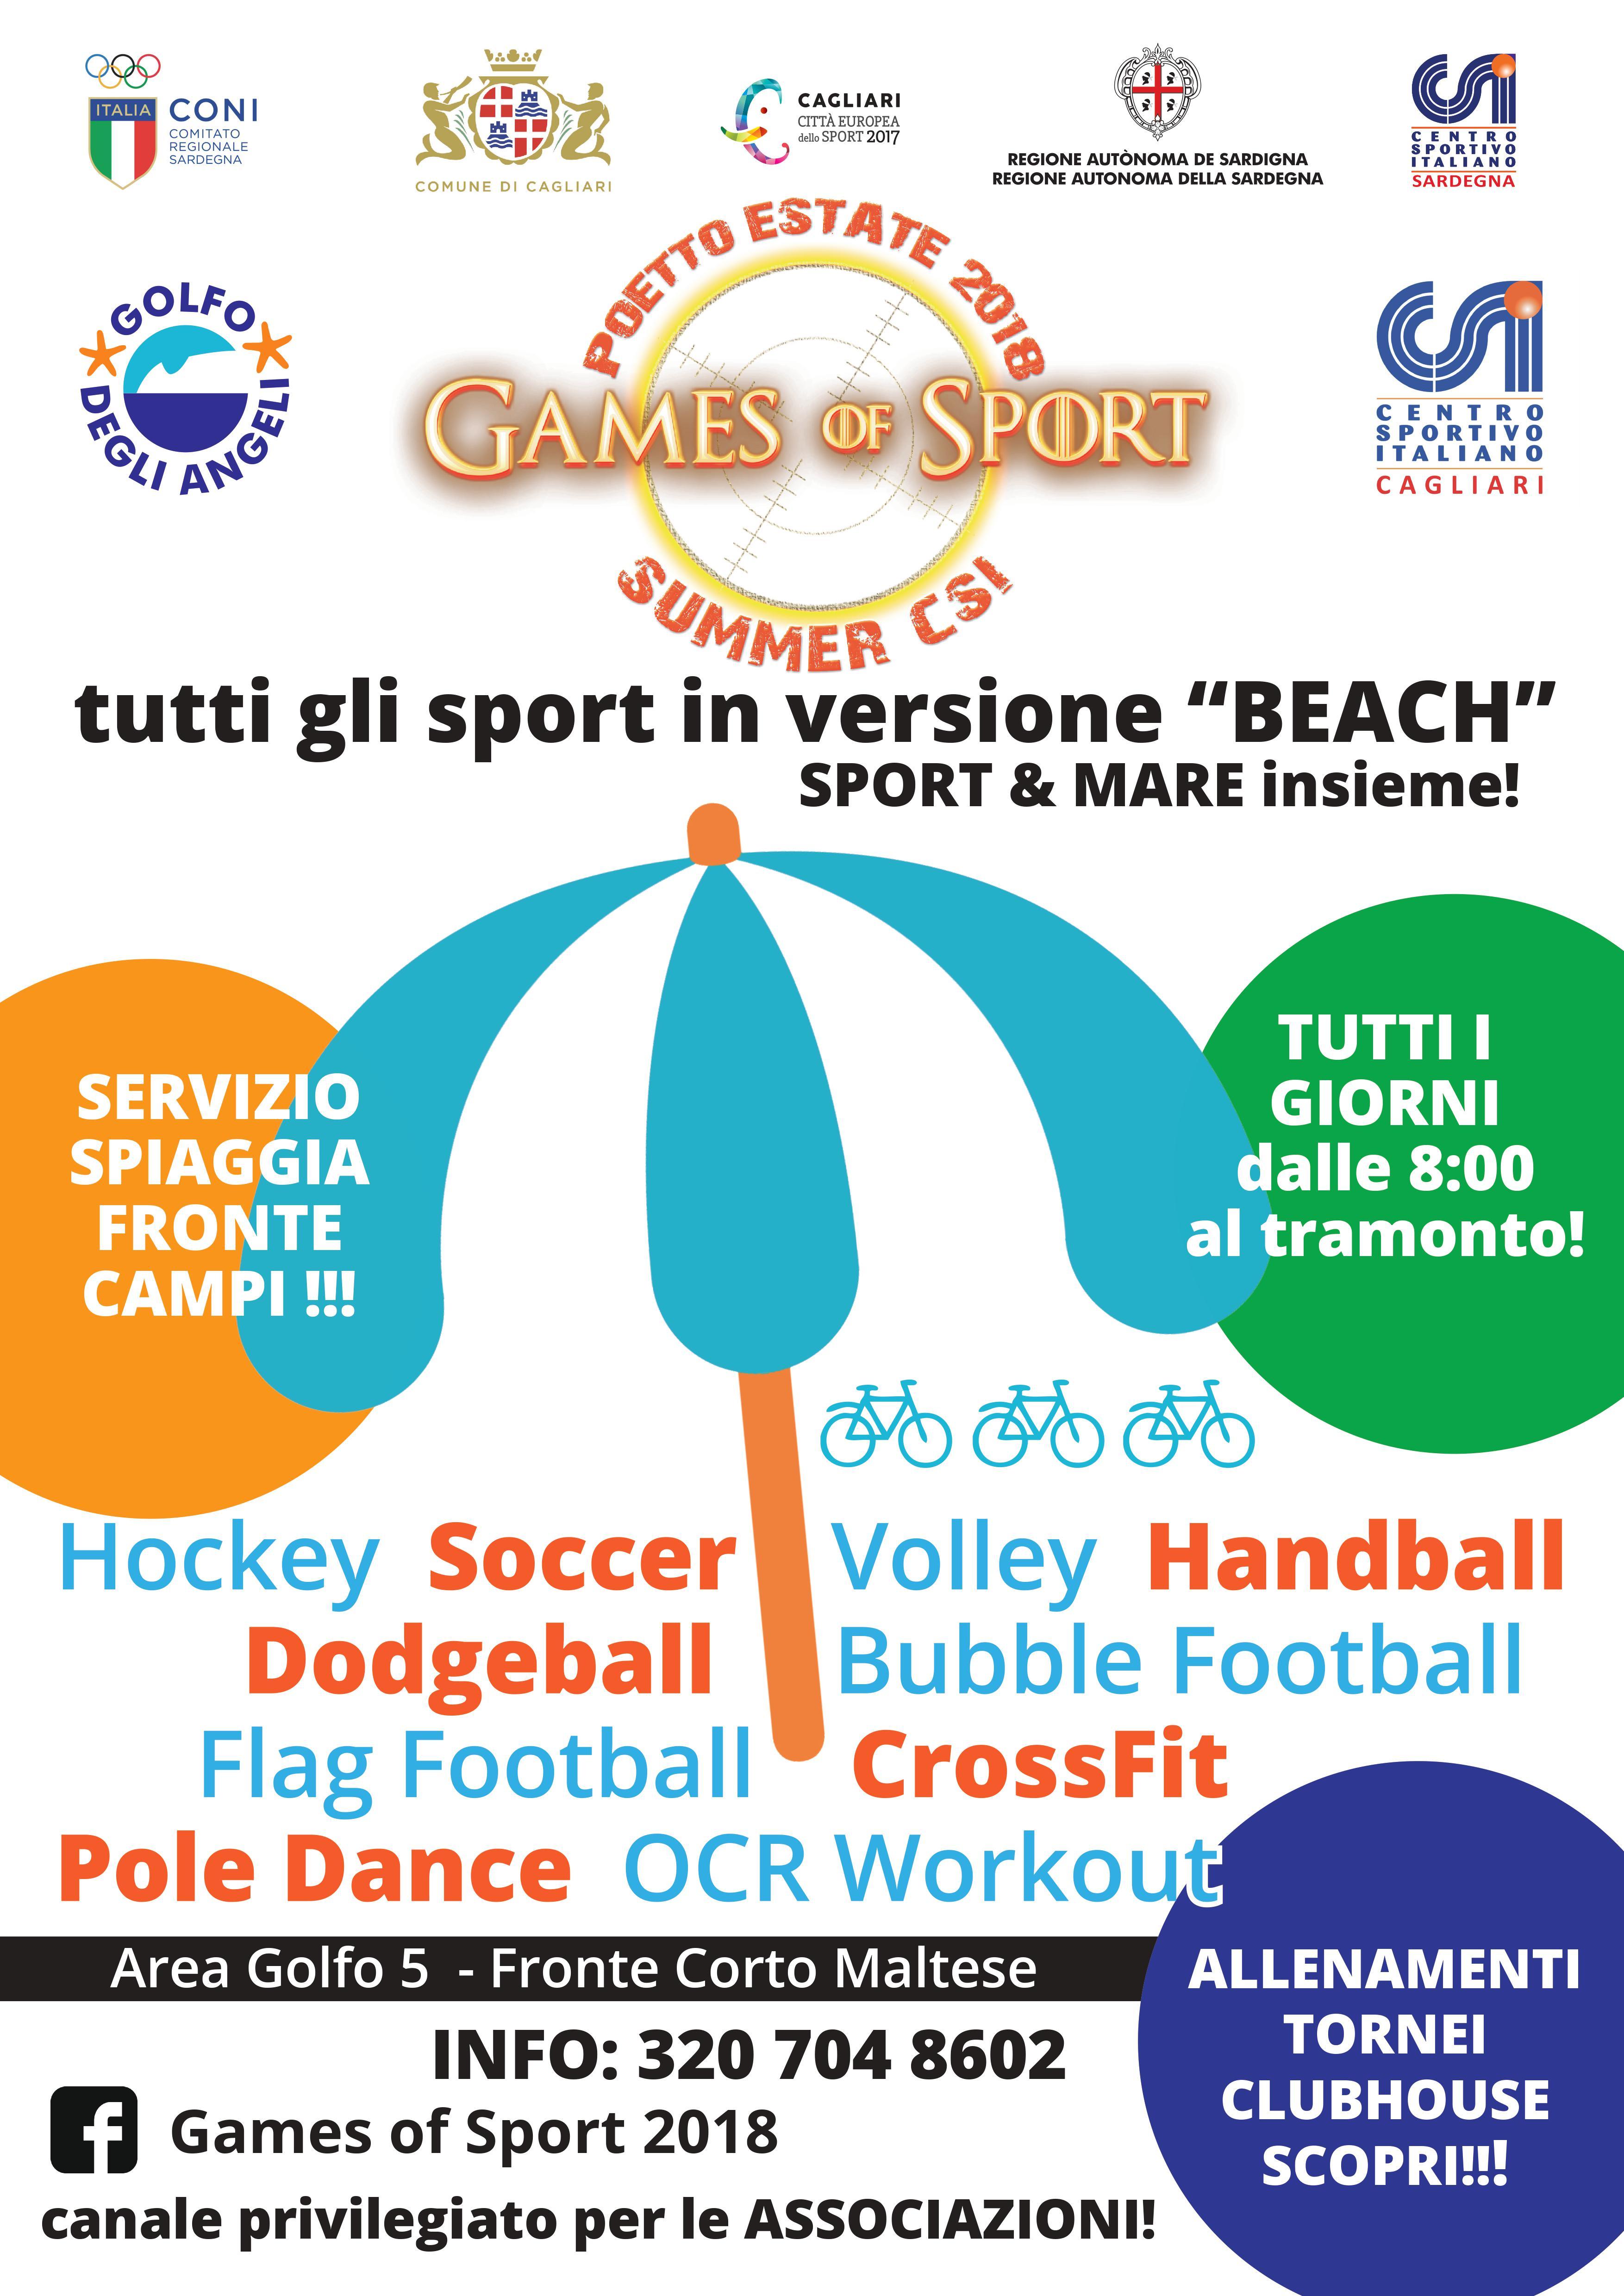 Poster Games Of Sport 2018. Torna al Poetto fino al 5 Agosto 2018 Games Of Sport che anche quest'anno accenderà l'estate cagliaritana.